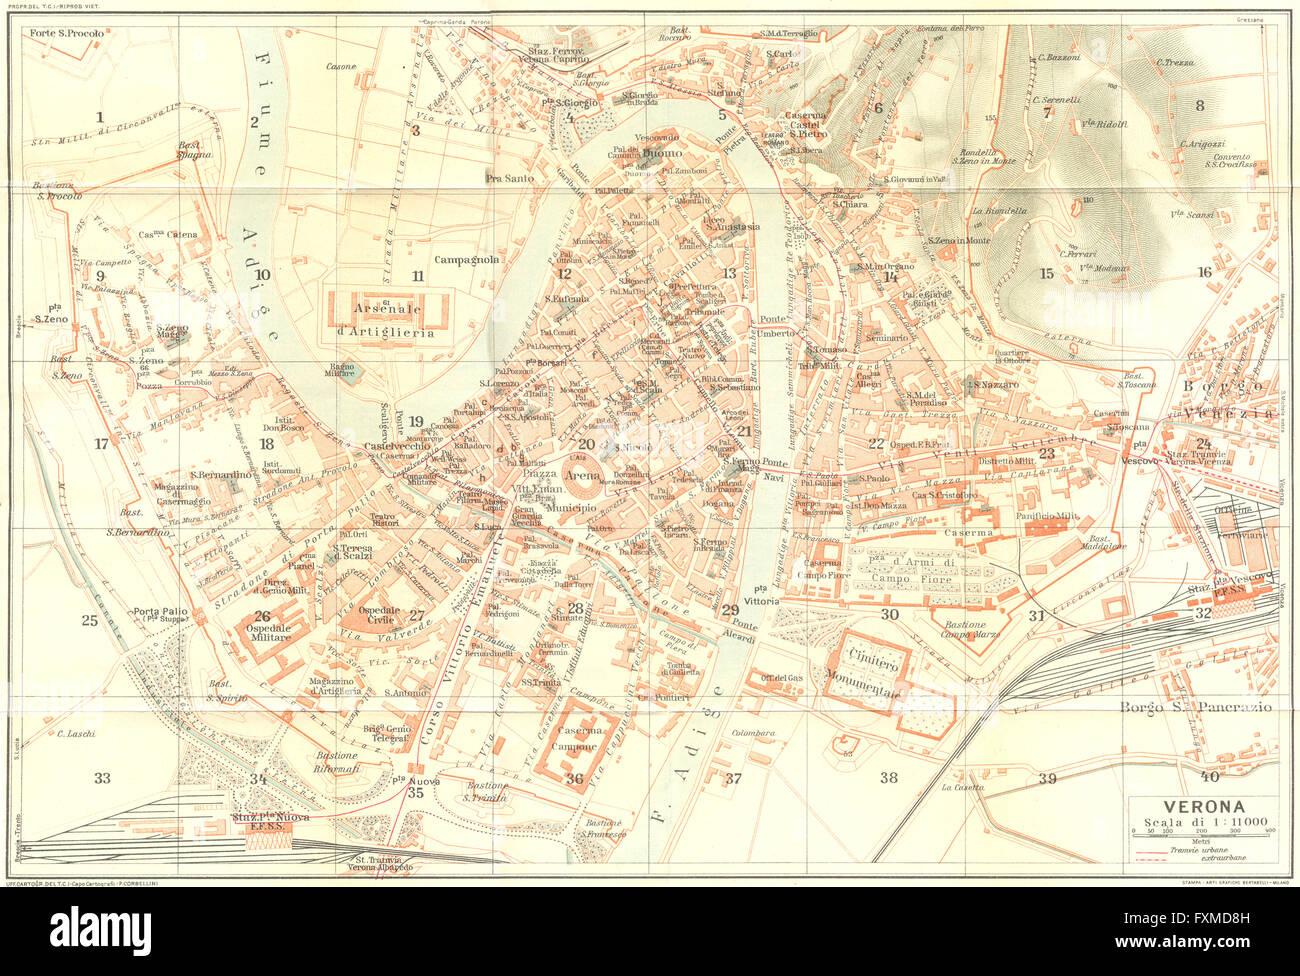 Verona Italien Karte.Verona Karte Stadtplan Vintage Stadt Italien 1927 Stockfoto Bild